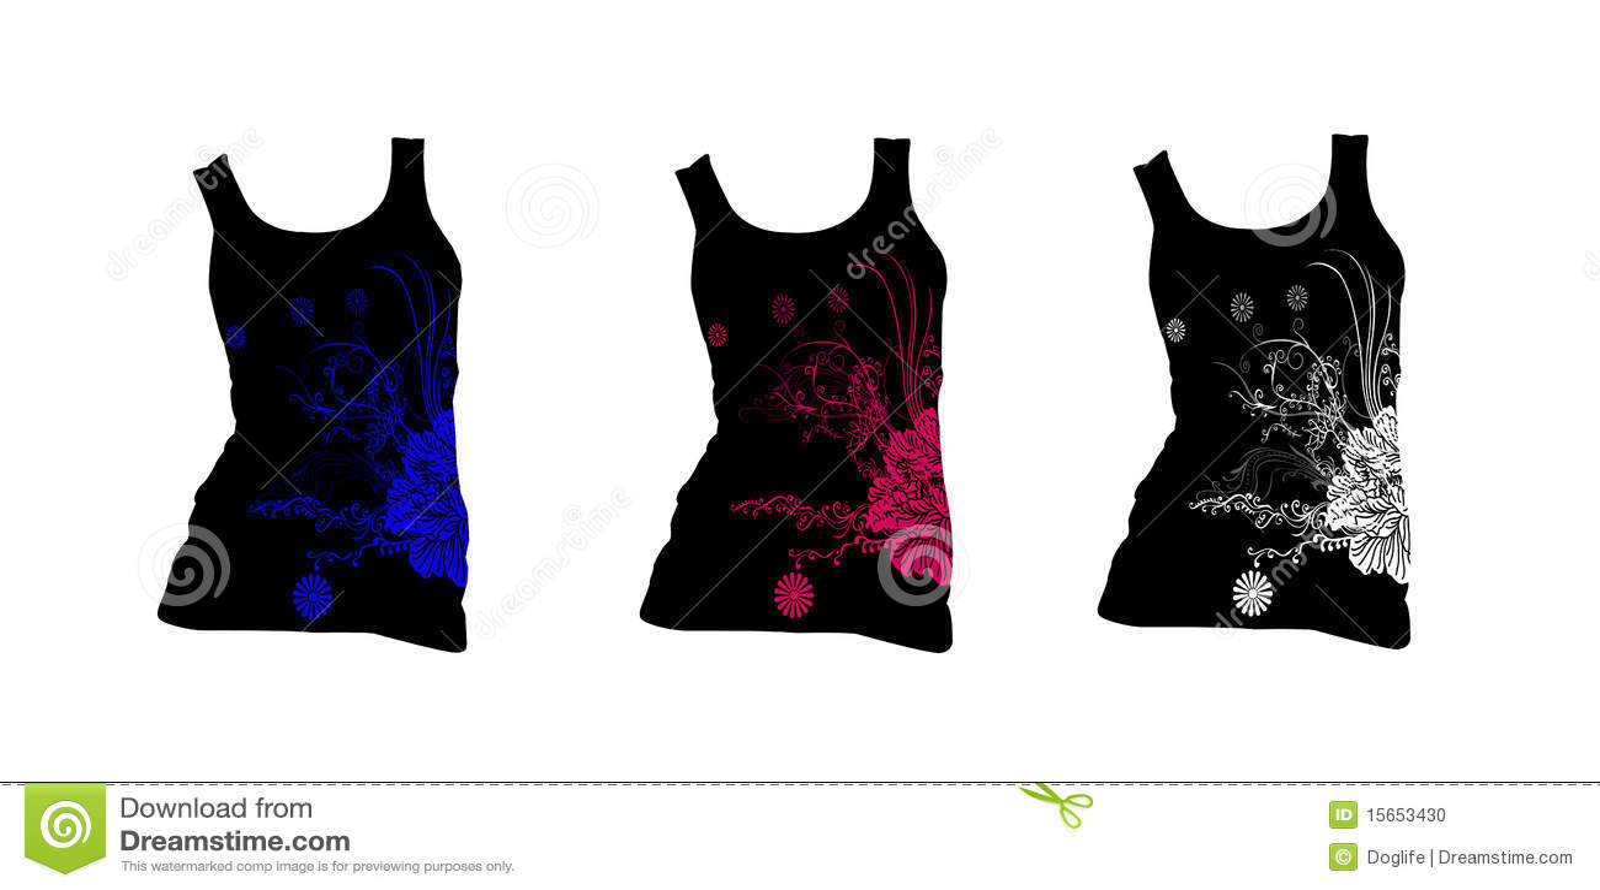 Design t shirt vector - Design Shirt T Vector